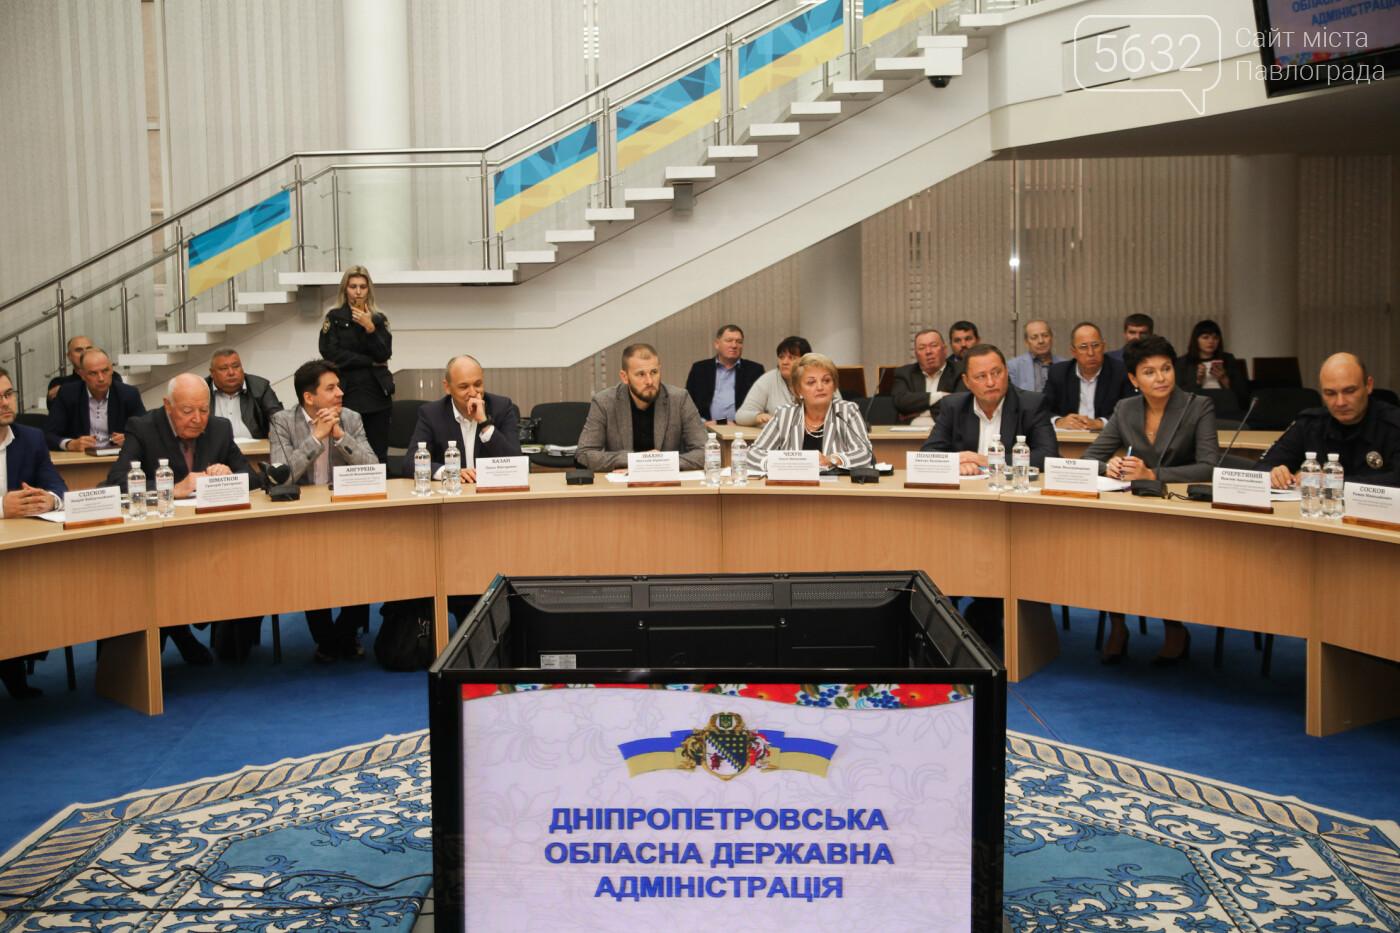 Днепропетровщина оказалась лидером в экологических антирейтингах, фото-1